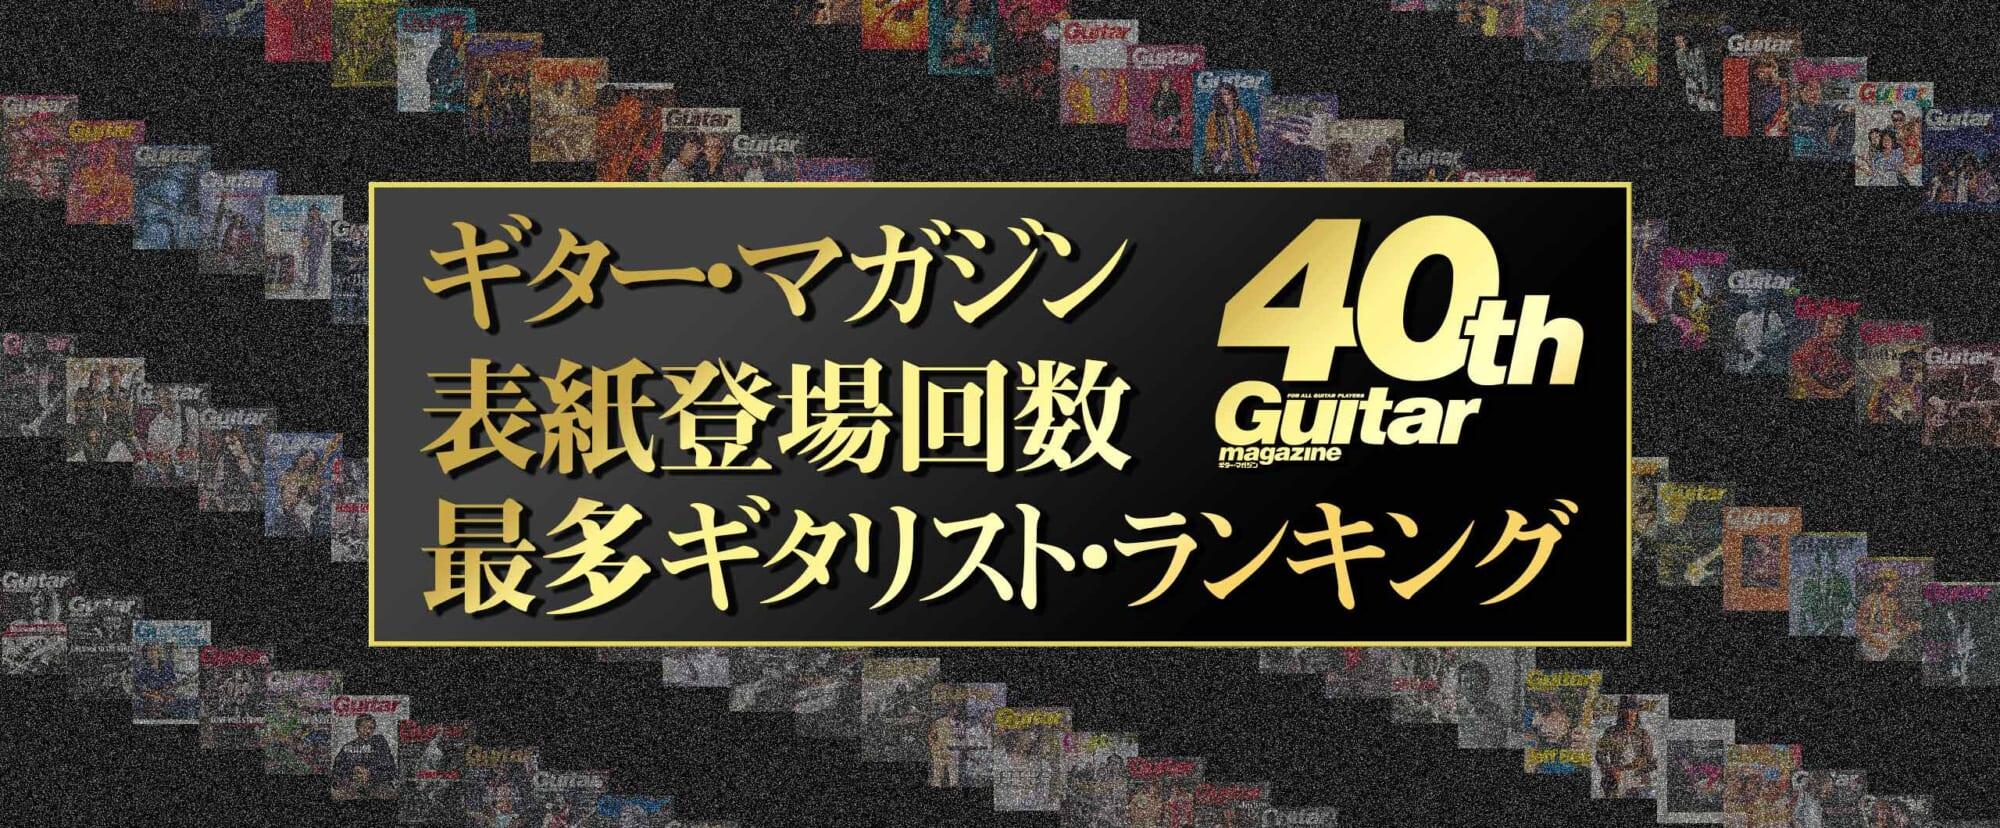 ギター・マガジン表紙登場回数最多ギタリスト・ランキング 2位の発表!